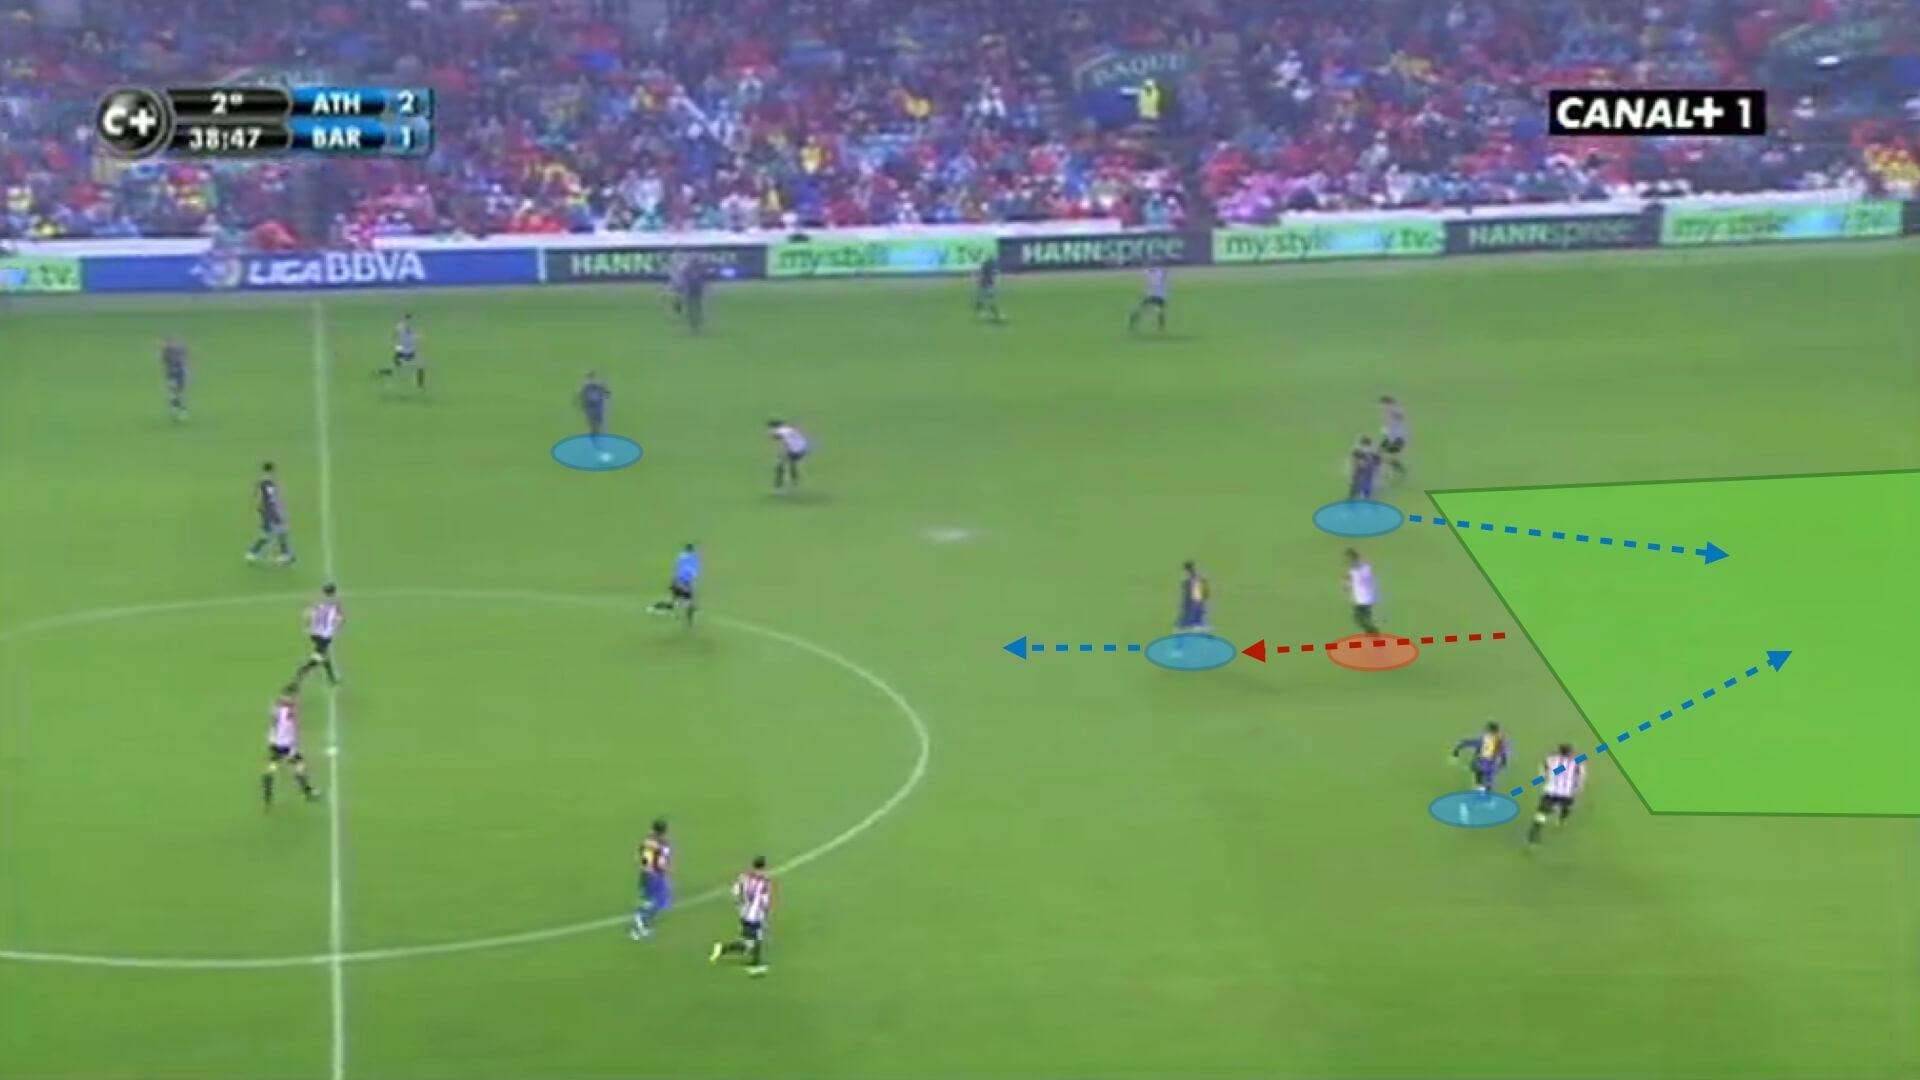 Bielsa vs Guardiola: Athletic Club vs Barcelona from 2011/12 tactical analysis tactics